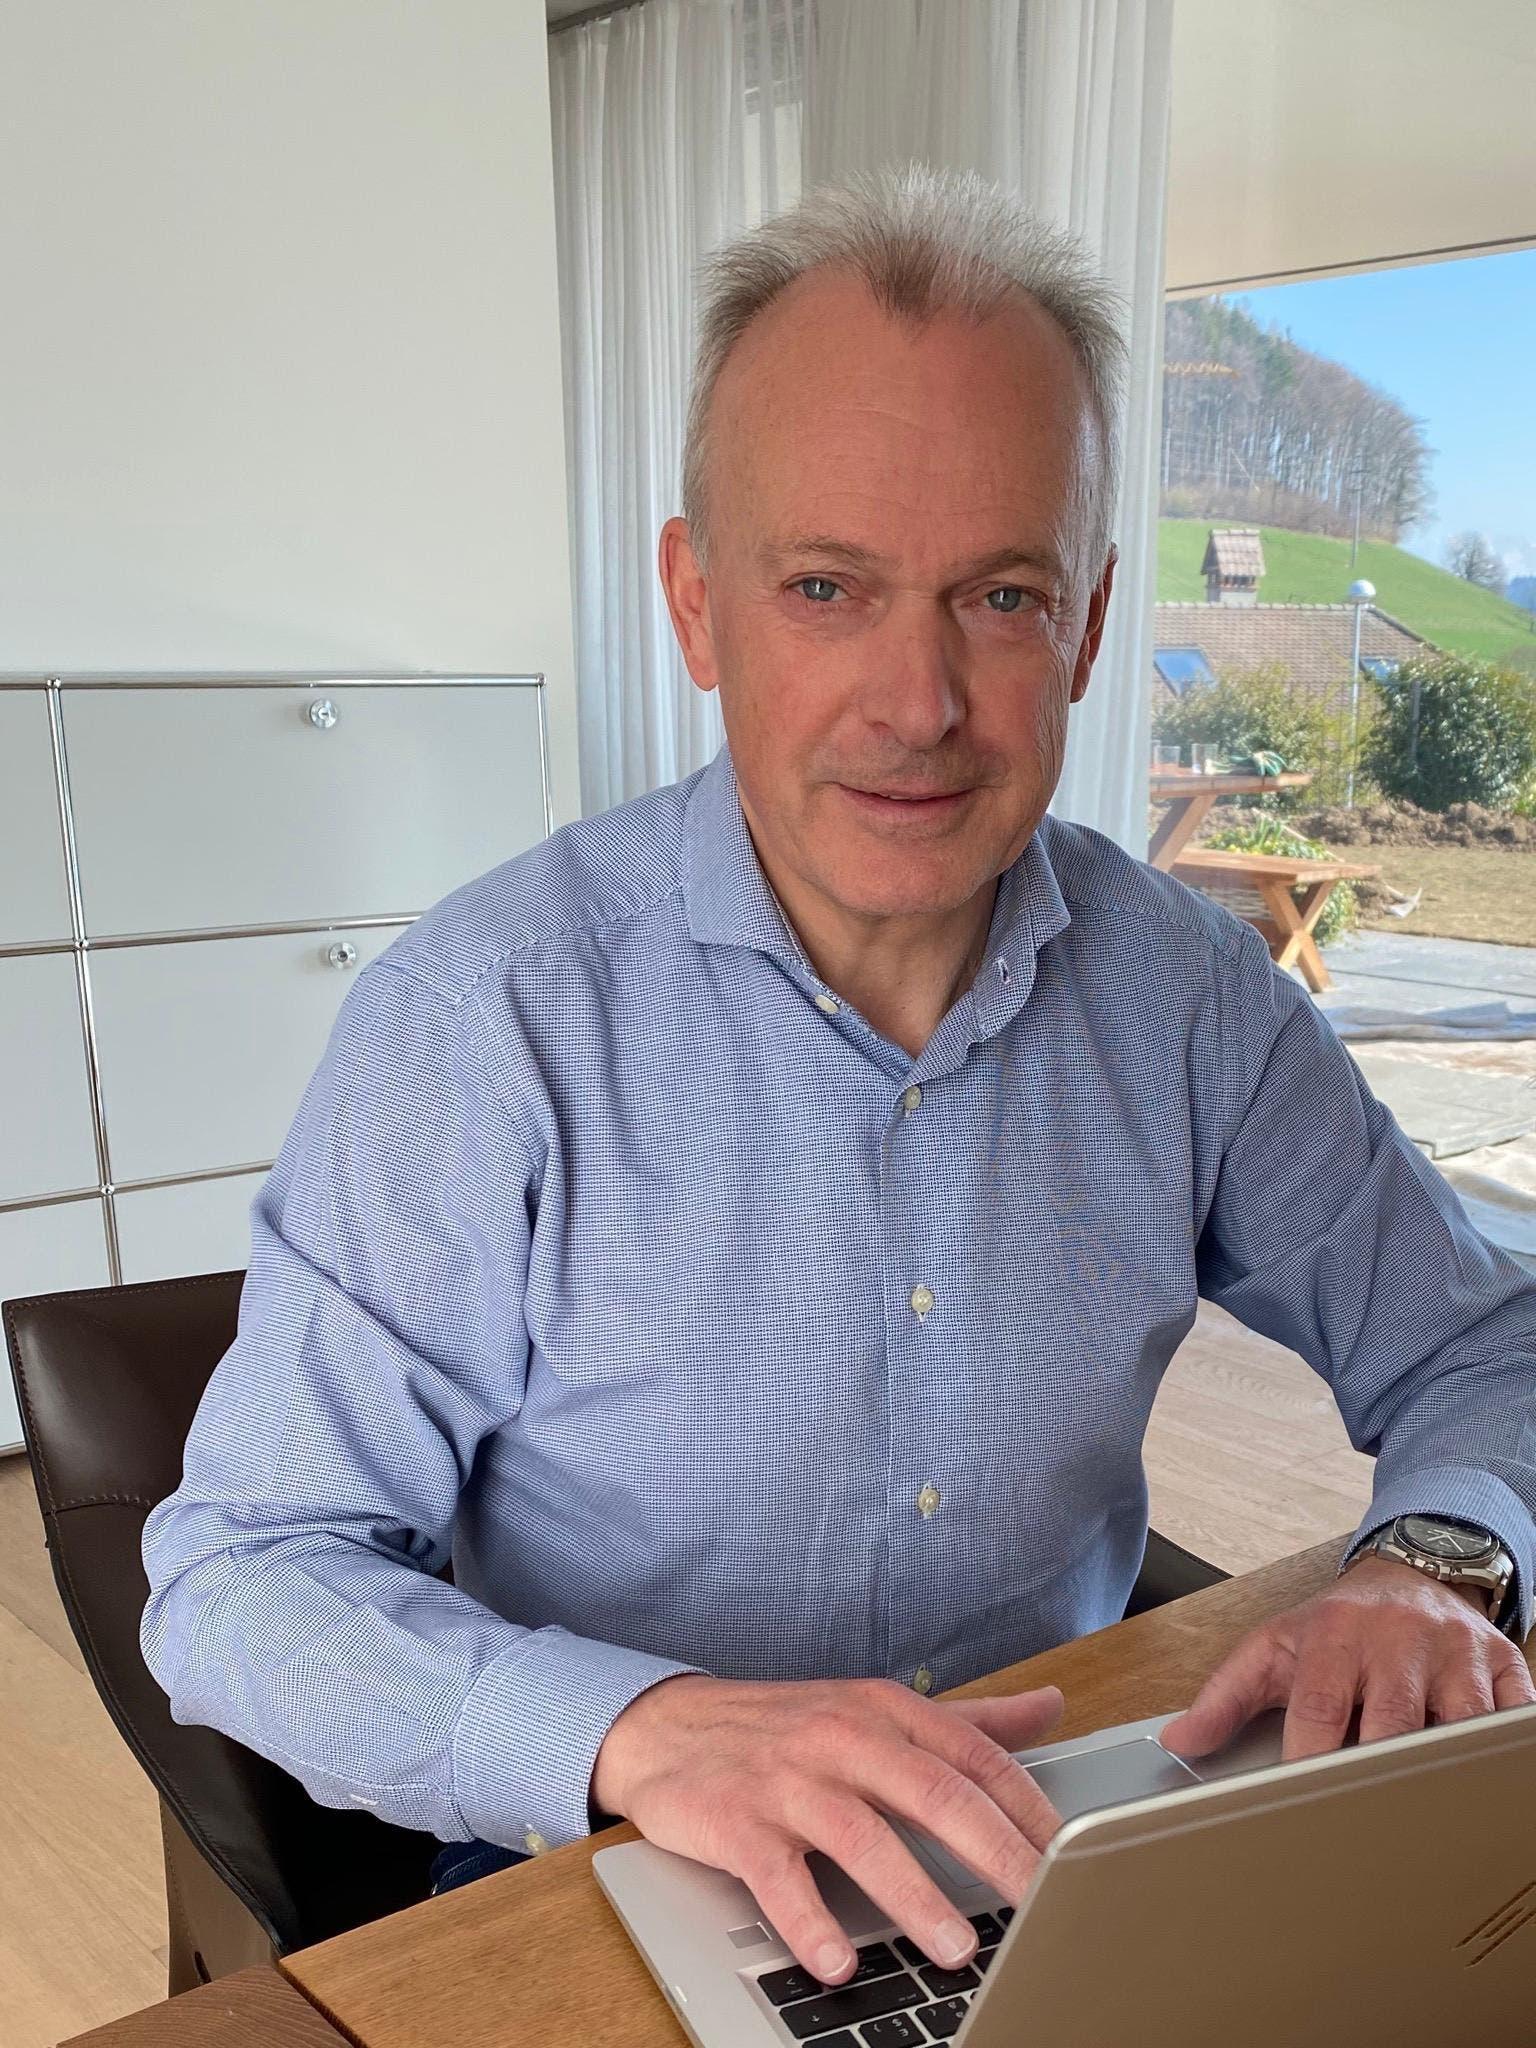 Urs Schaeppi, 60, CEO Swisscom: «Ich arbeite momentan einen grossen Teil meiner Arbeitszeit im Homeoffice.»